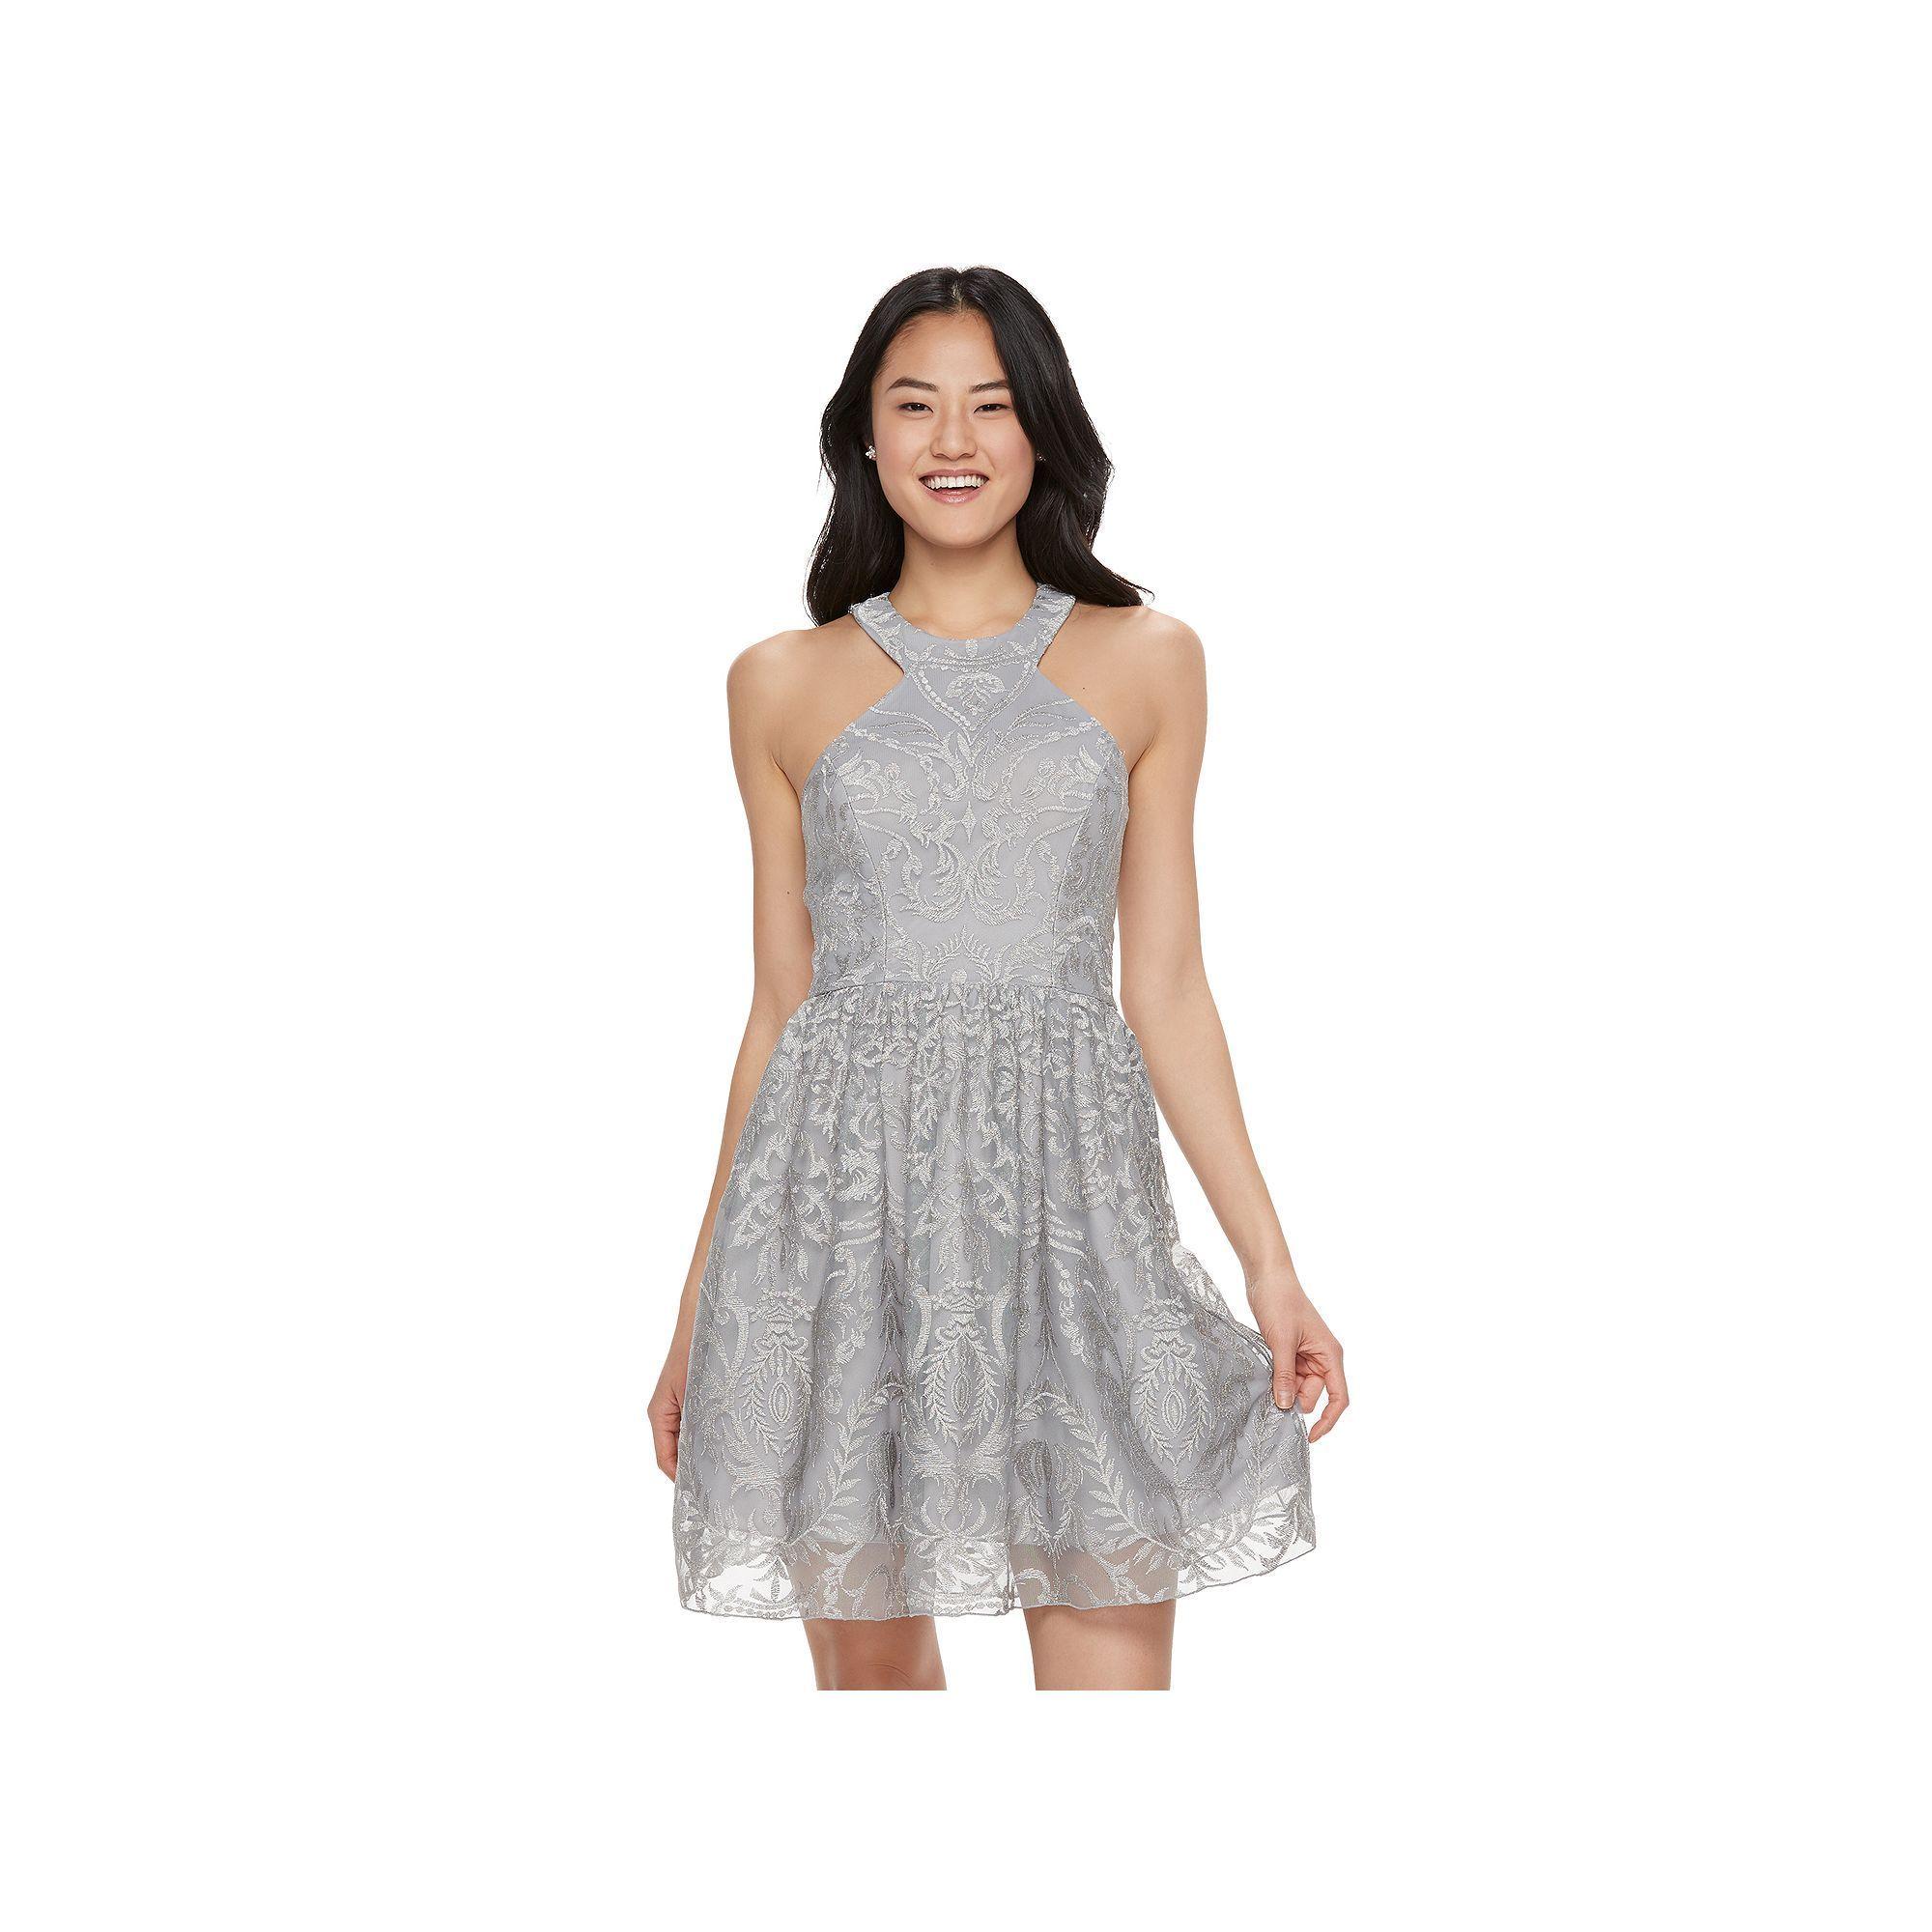 Juniors\' Speechless Glitter Halter Dress, Teens, Size: 11, Silver ...